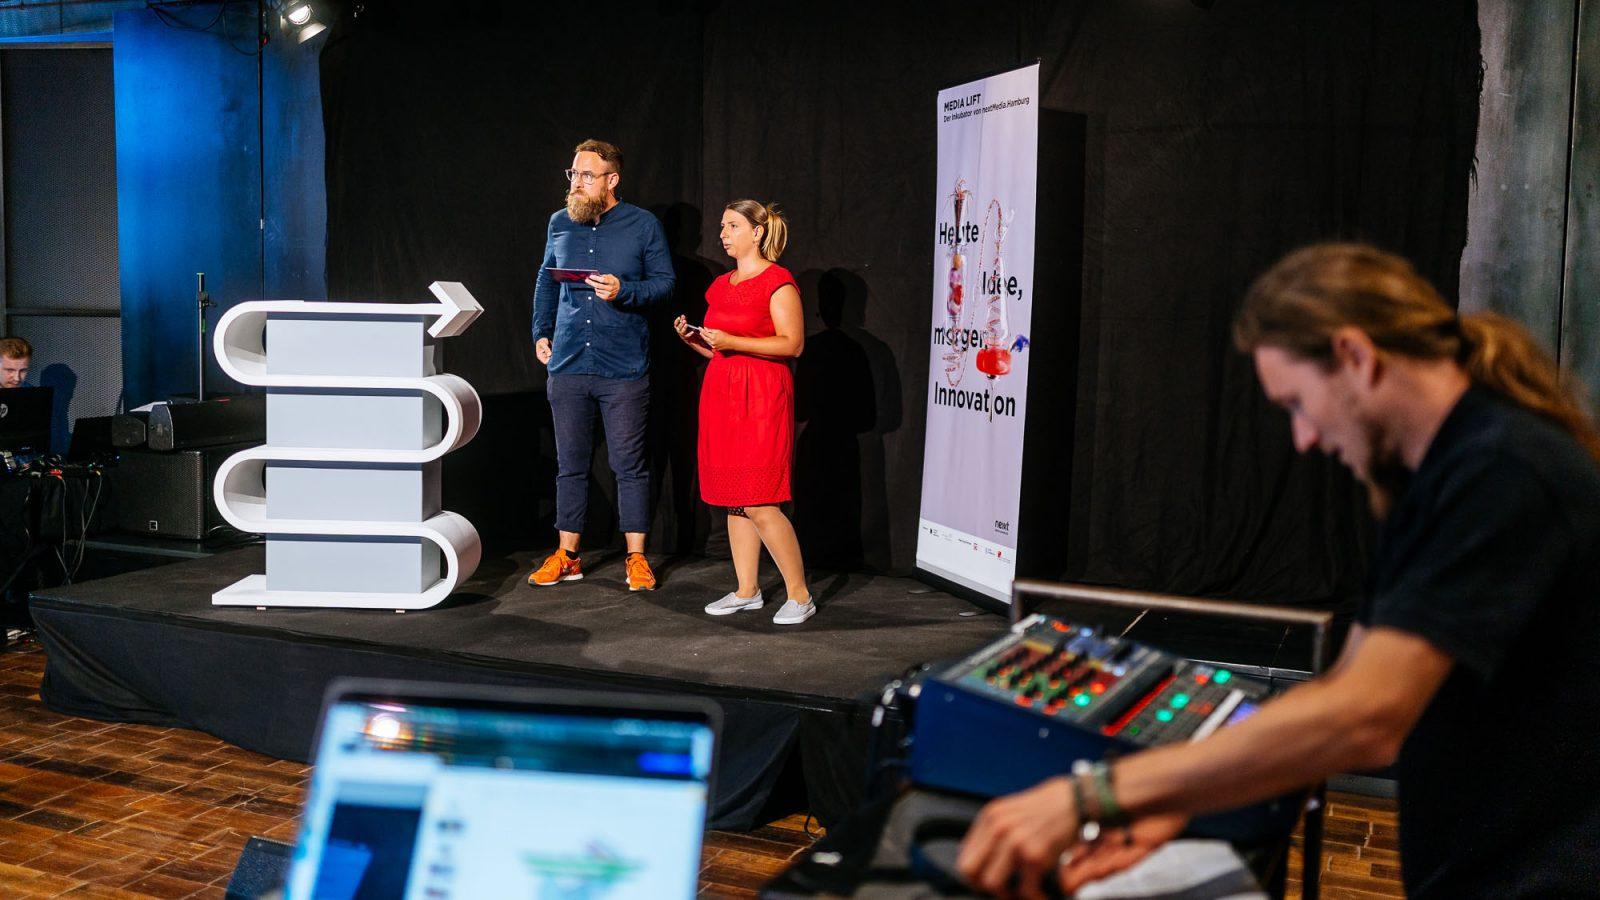 Die Programmmanger*innen Cigdem und Bastian führten als Moderator*innen durch den Abend.